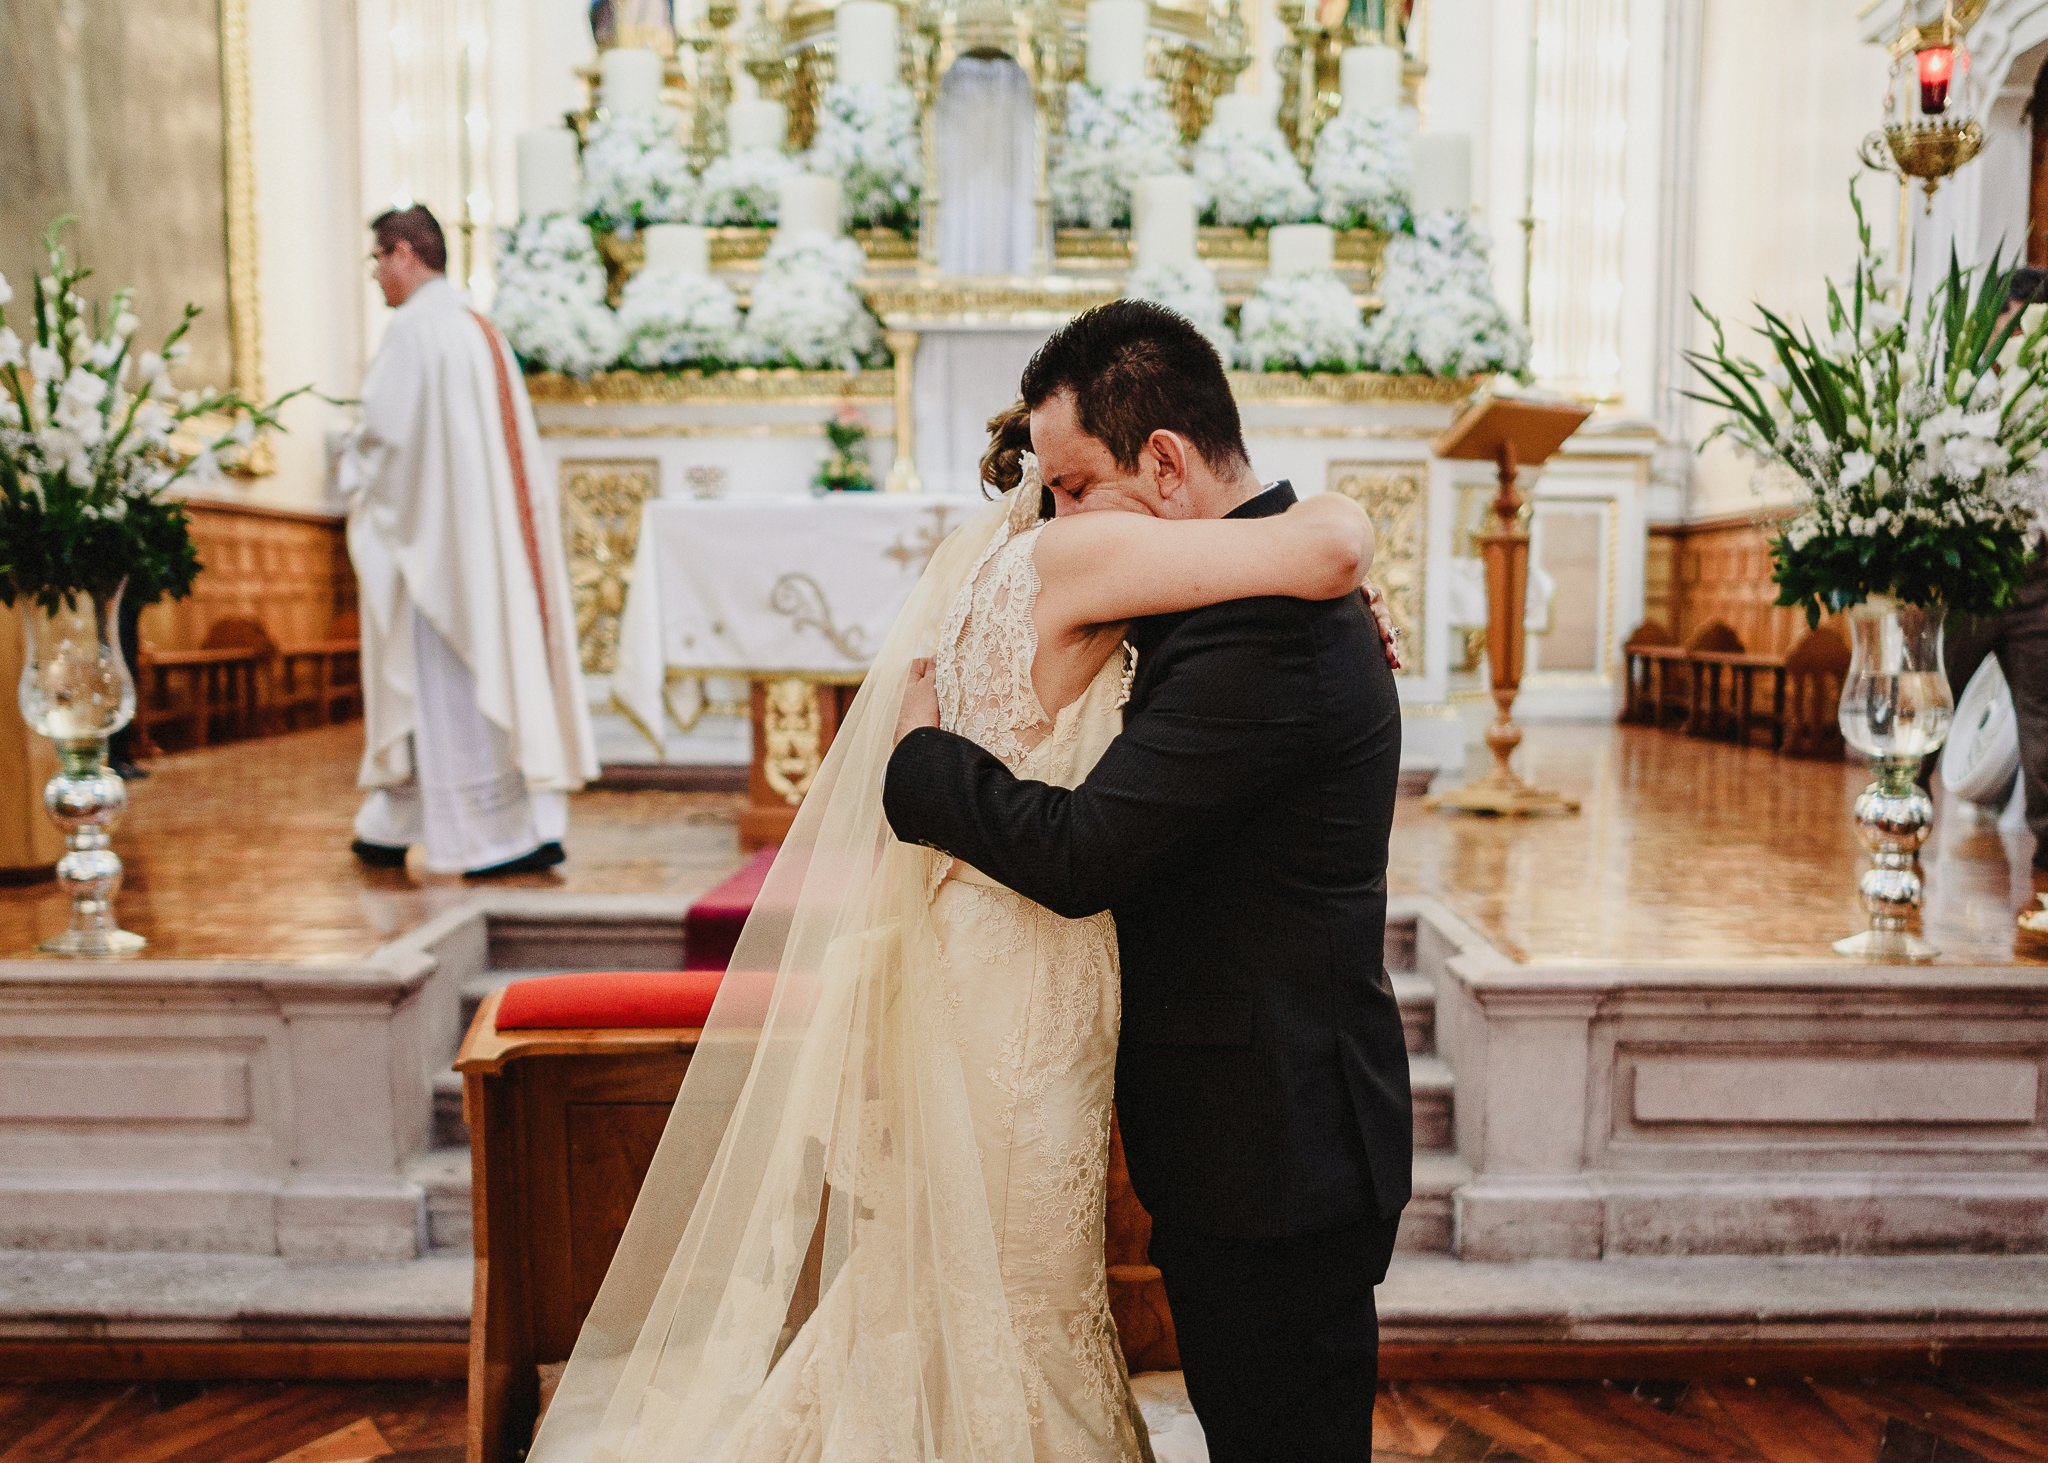 02boda-wedding-ceremonia-templo-barrio-del-encino-aguascalientes-fotografo-luis-houdin68